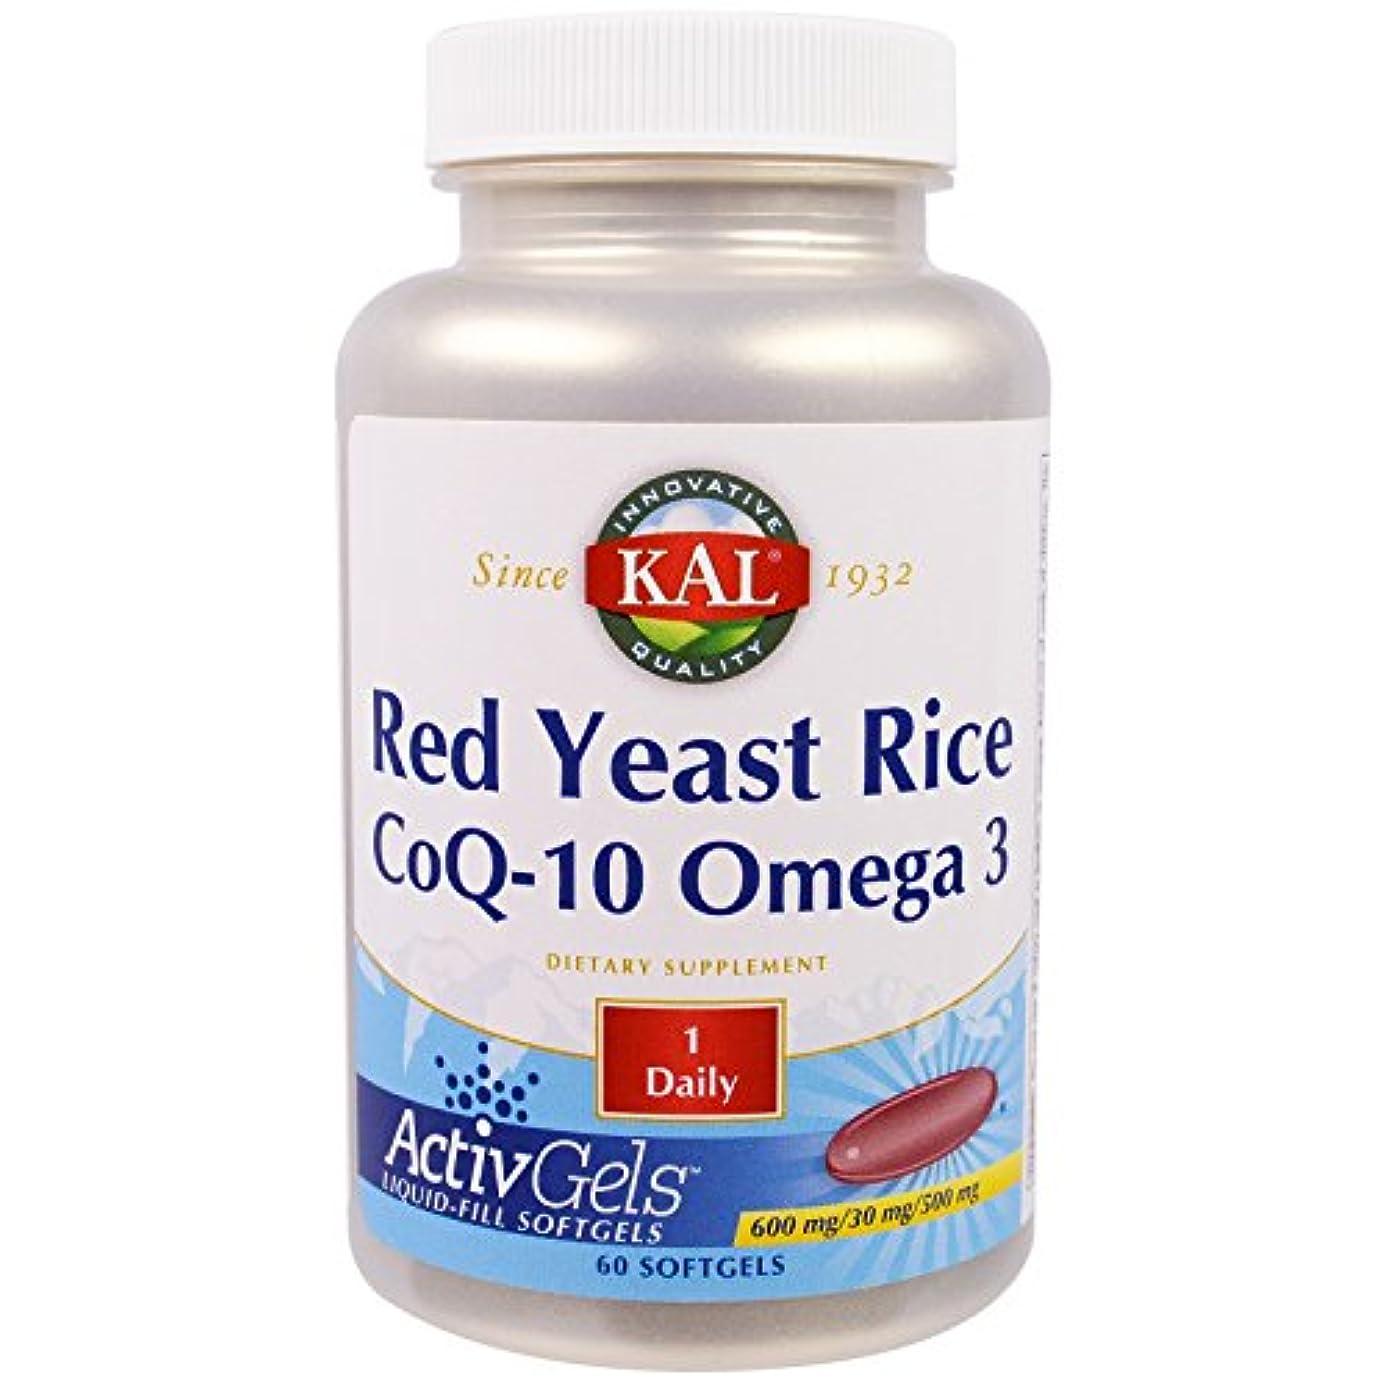 くちばし壮大な恥ずかしい紅麹(ベニコウジ)米&コエンザイムQ10 + オメガ3 EPA/DHA 60粒[海外直送品]